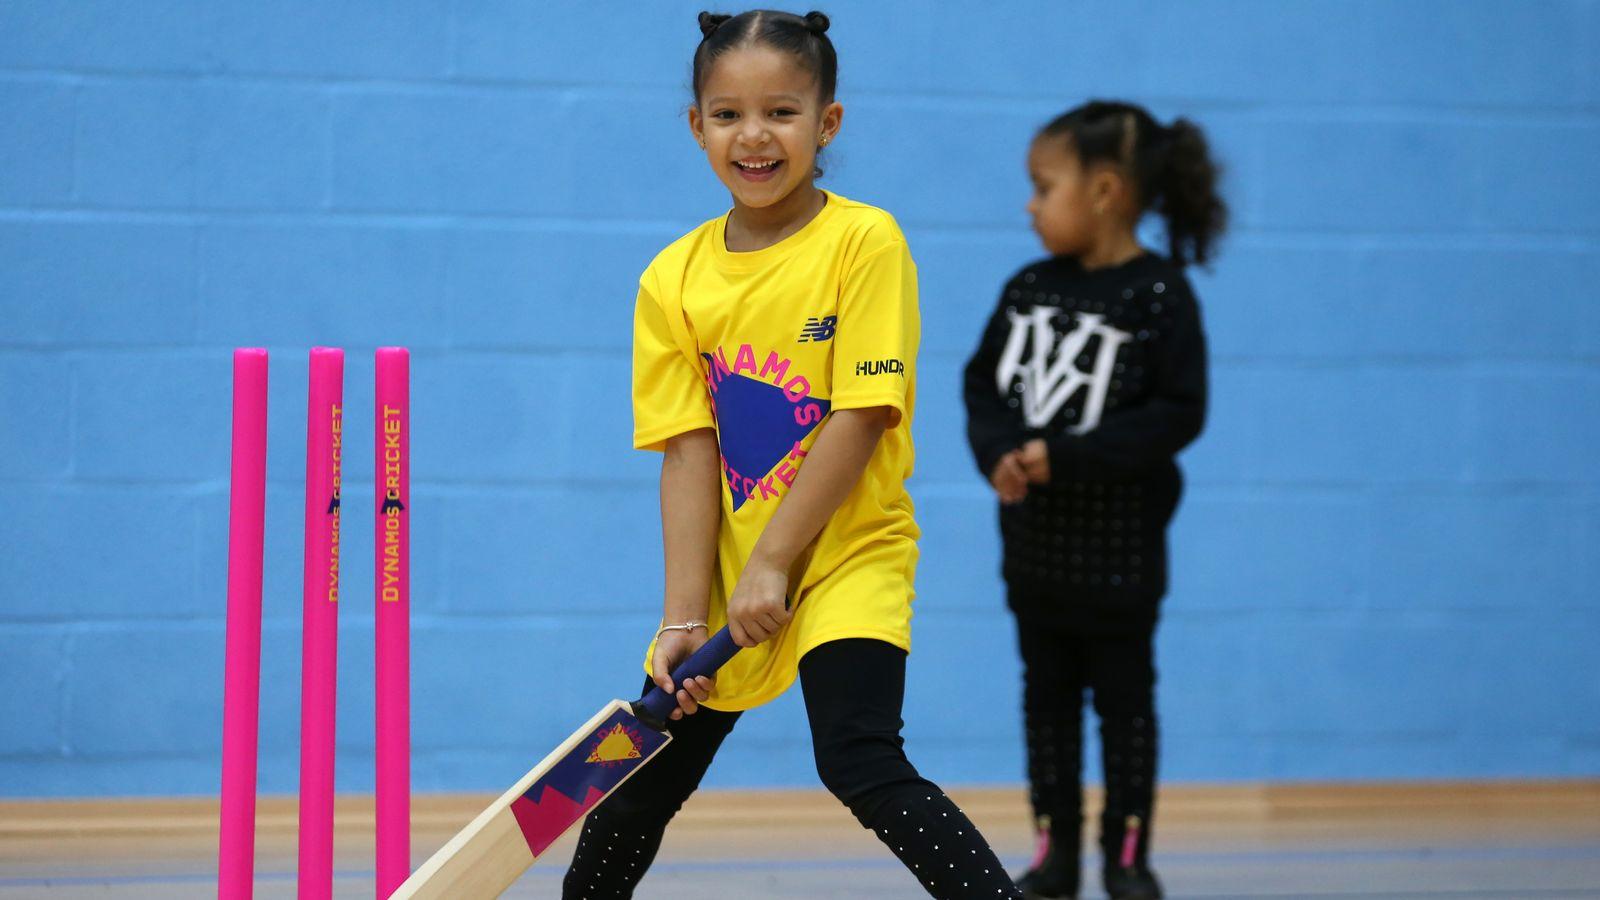 Dynamos Cricket: Seis cosas clave que debes saber sobre la nueva iniciativa para niños de 8 a 11 años | Noticias de Cricket 18